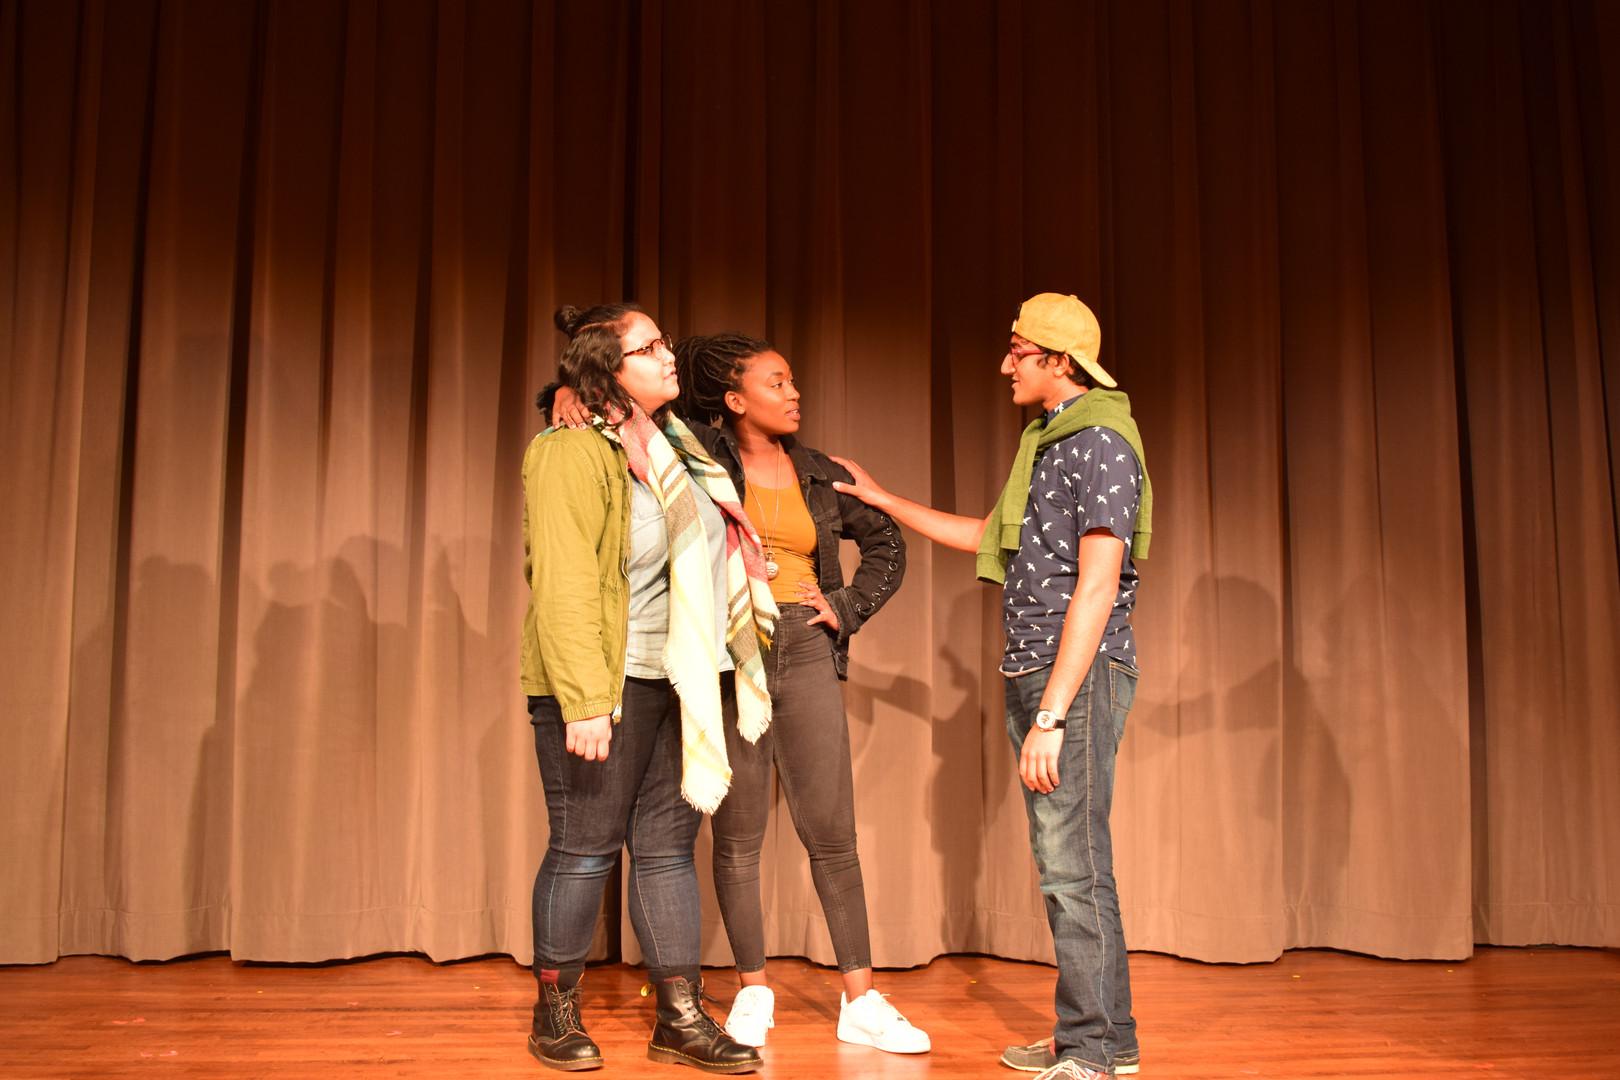 Guildenstern, Hamlet, and Rosencrantz